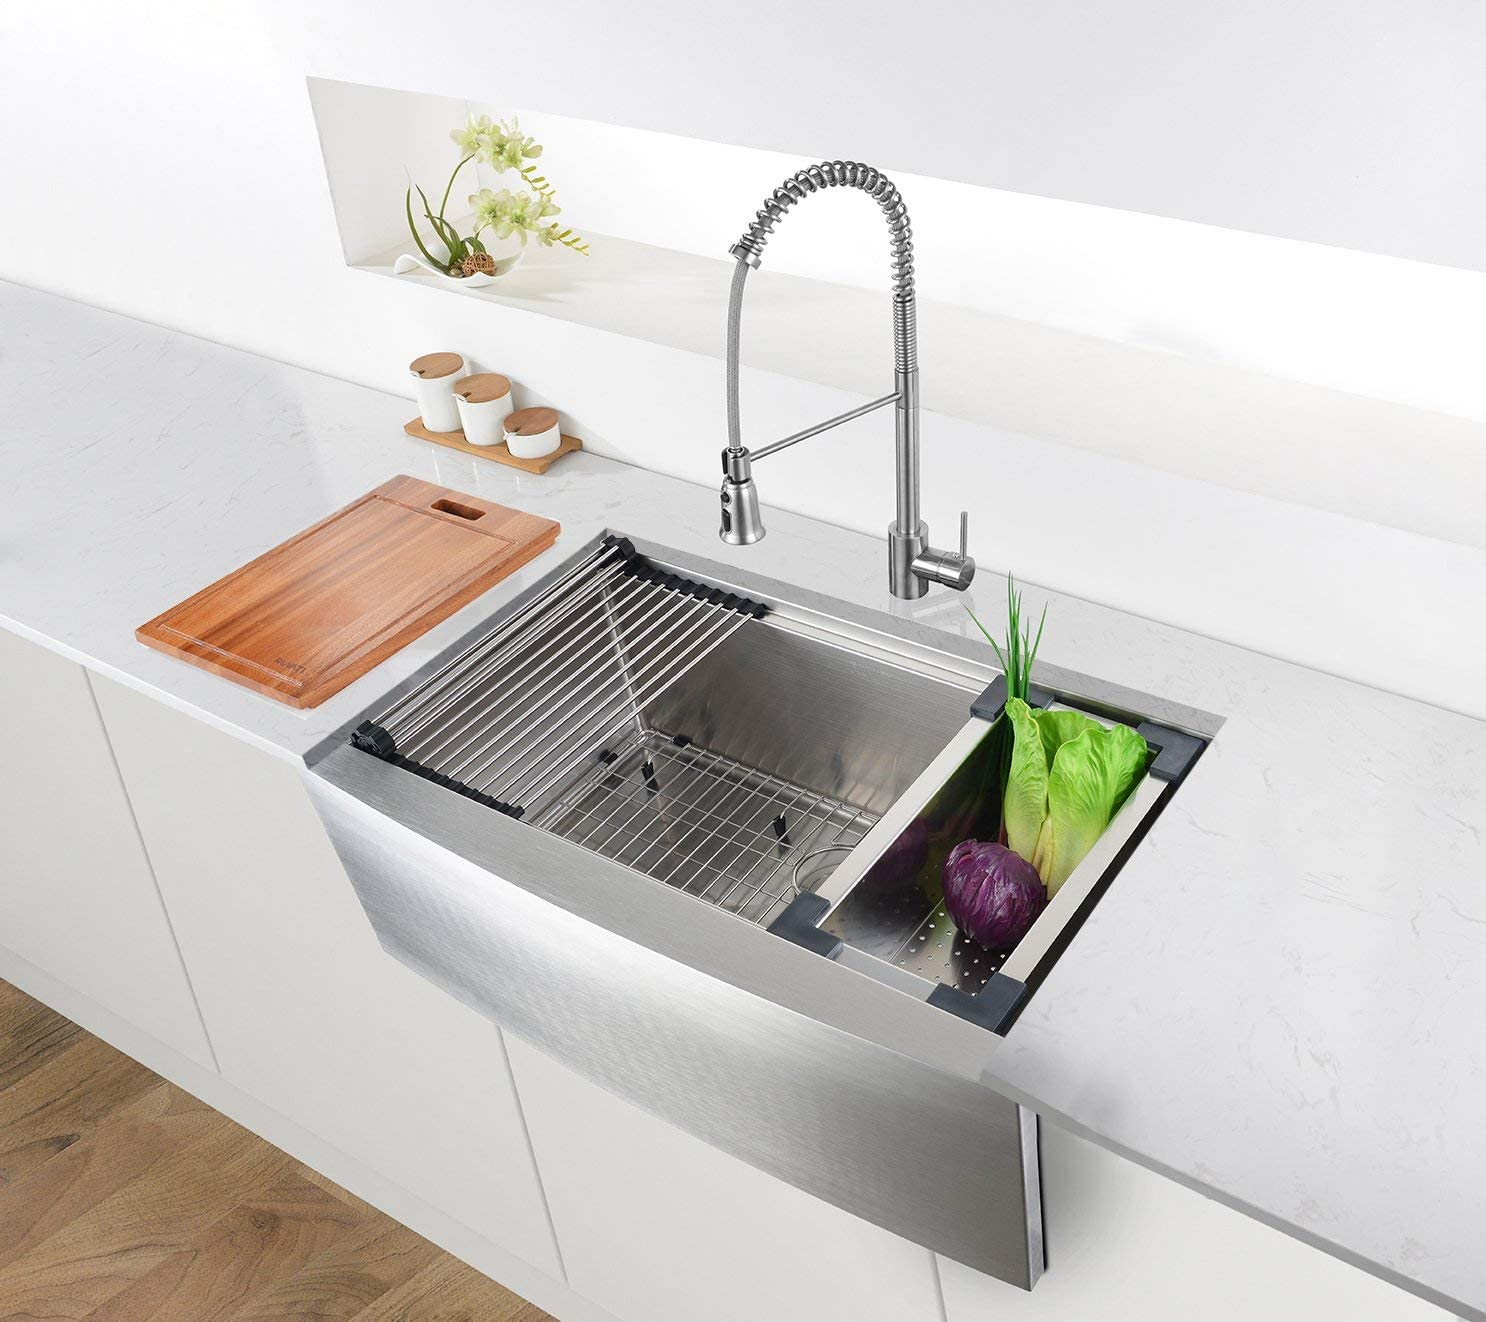 Best-36-Inch-Kitchen-Sinks